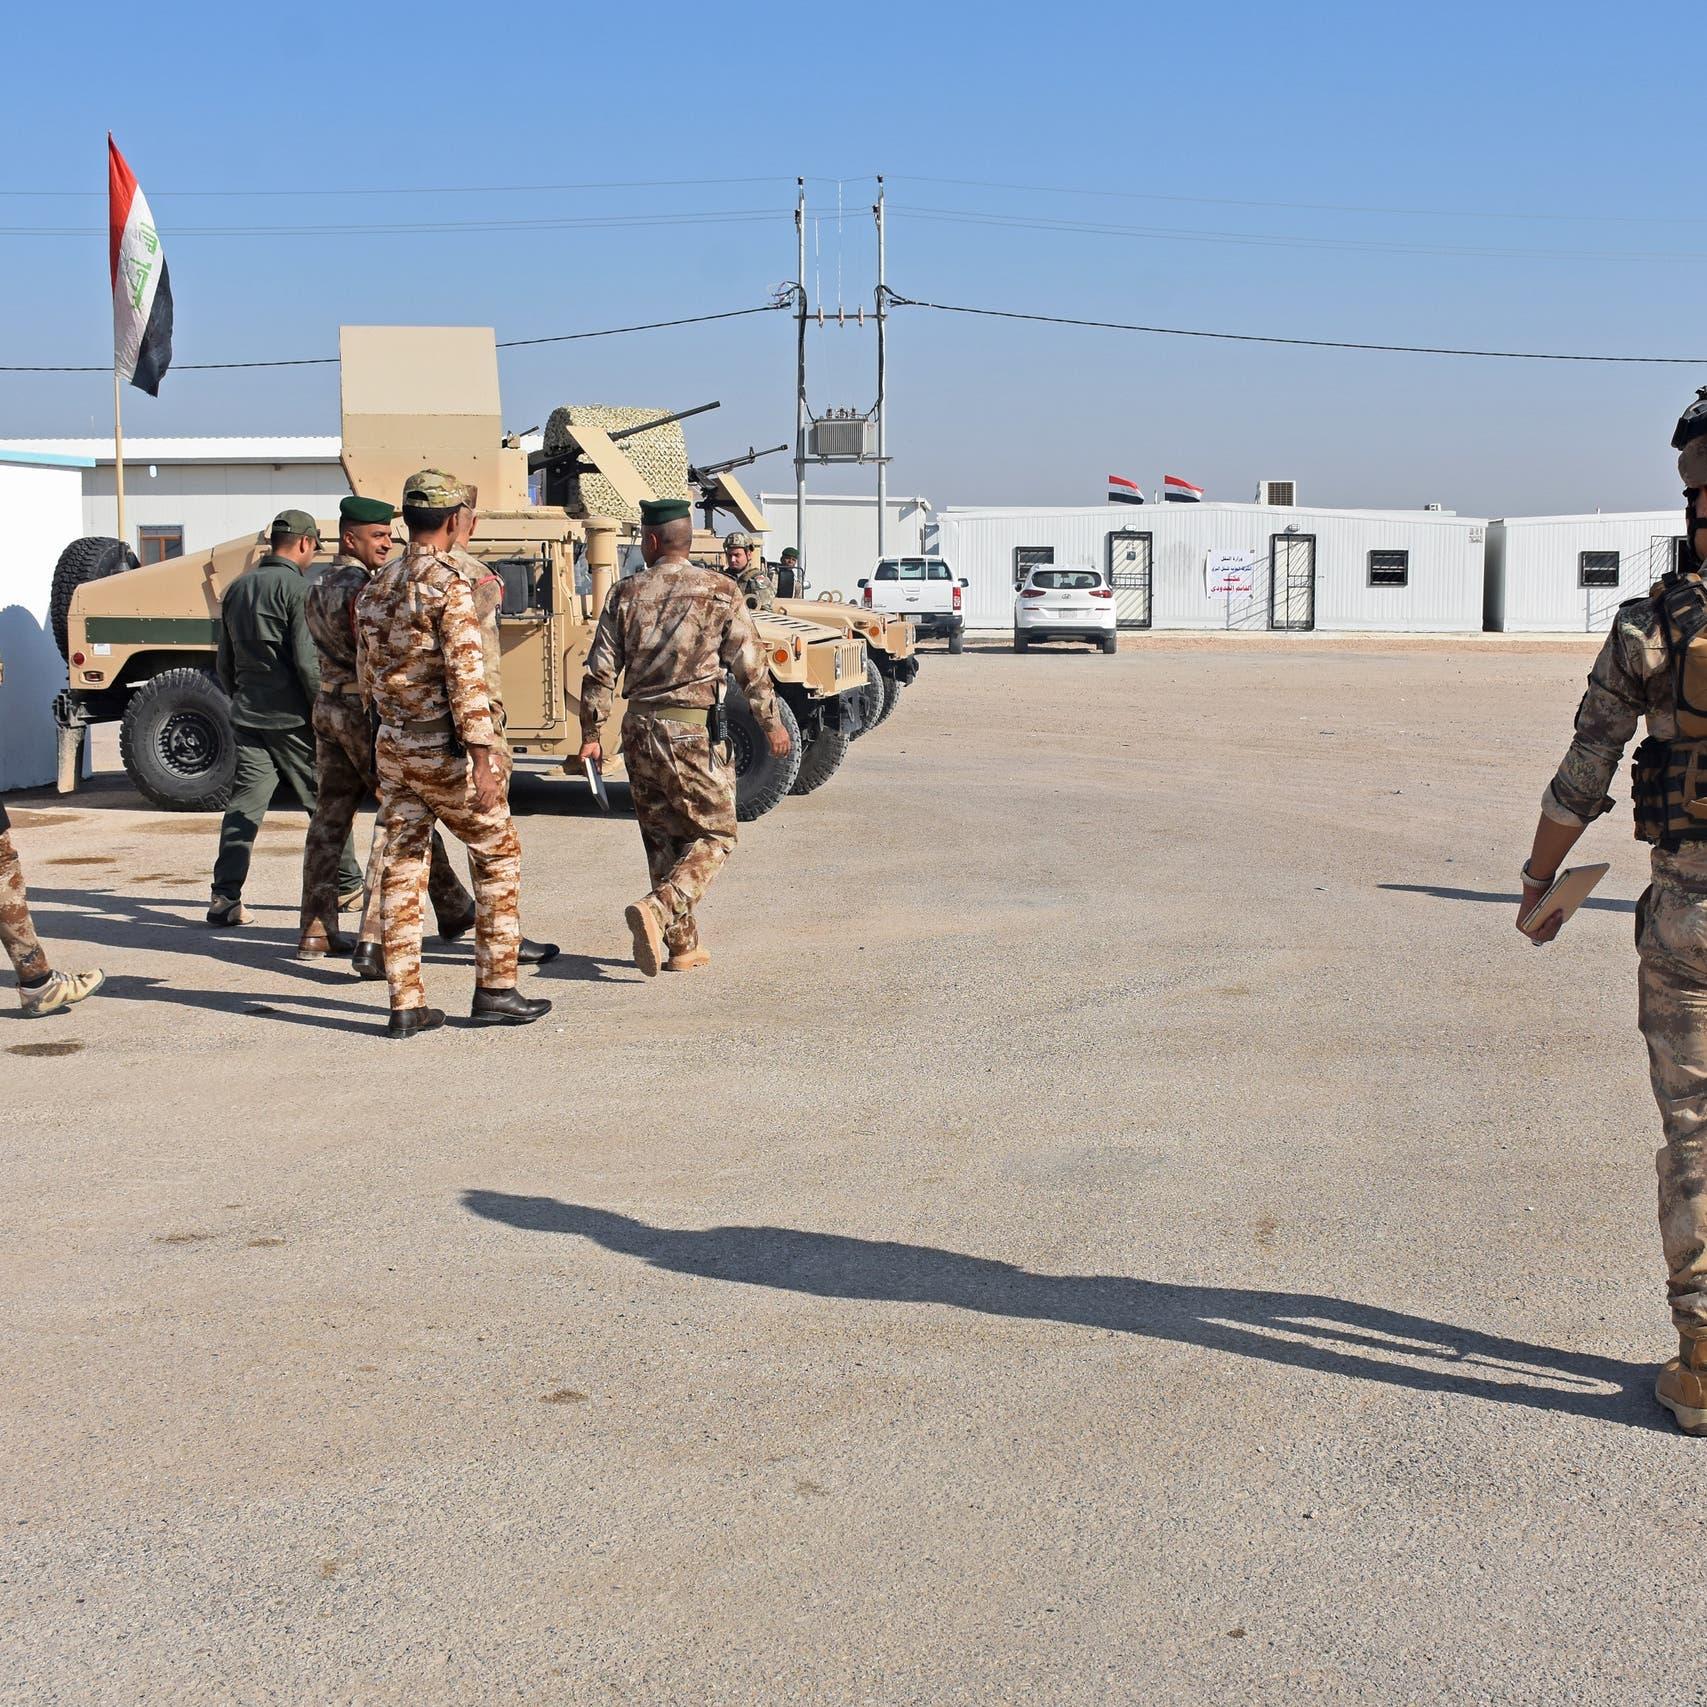 بعد إغلاقه 6 سنوات.. إعادة فتح معبر القائم بين العراق وسوريا